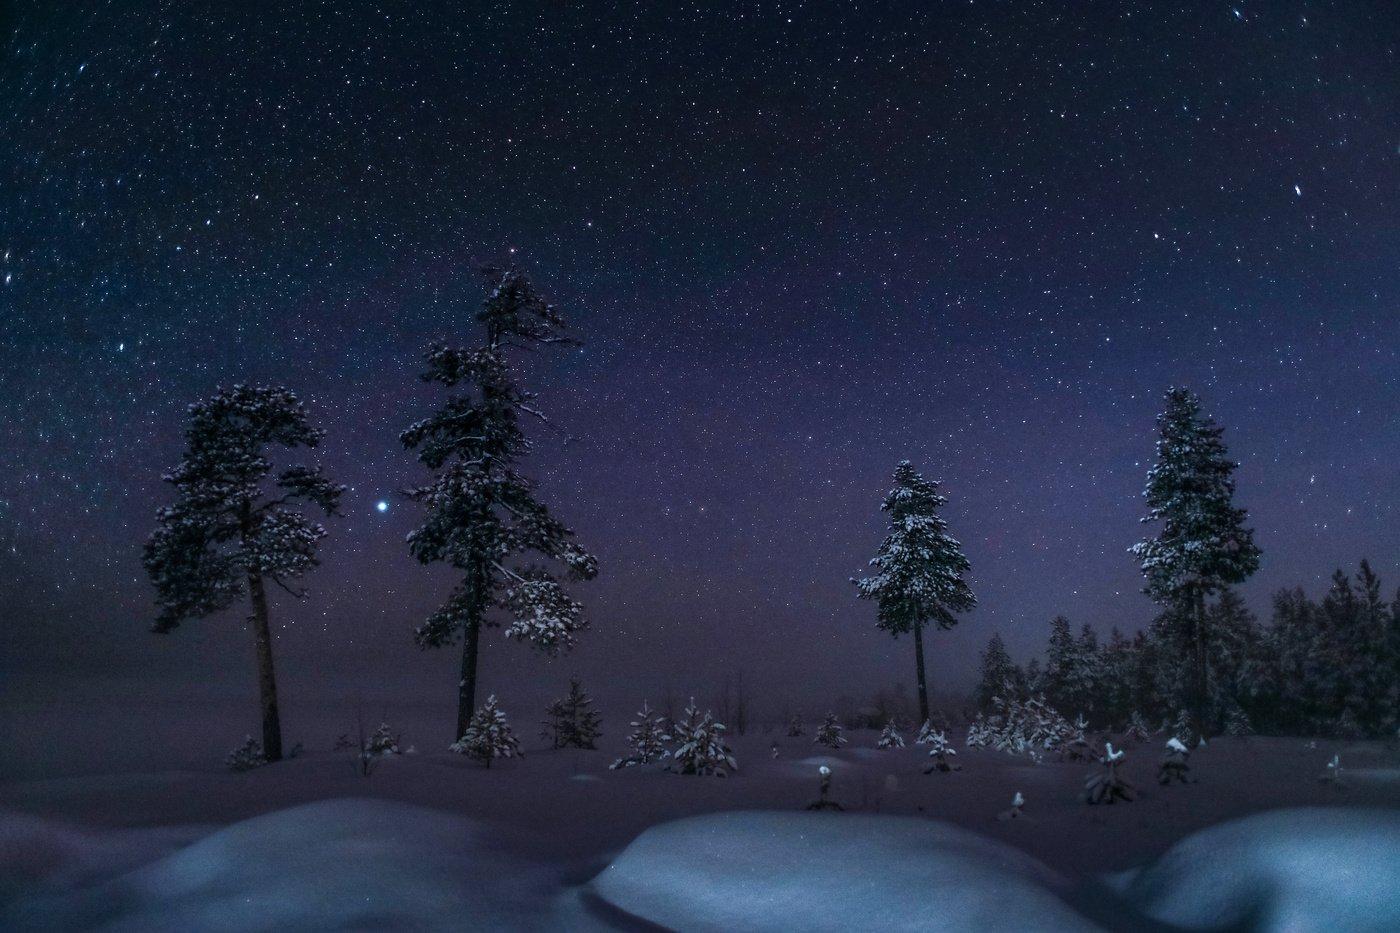 Югра, Север, Ночь, зима, Звезды, красиво,, Татьяна Борисова